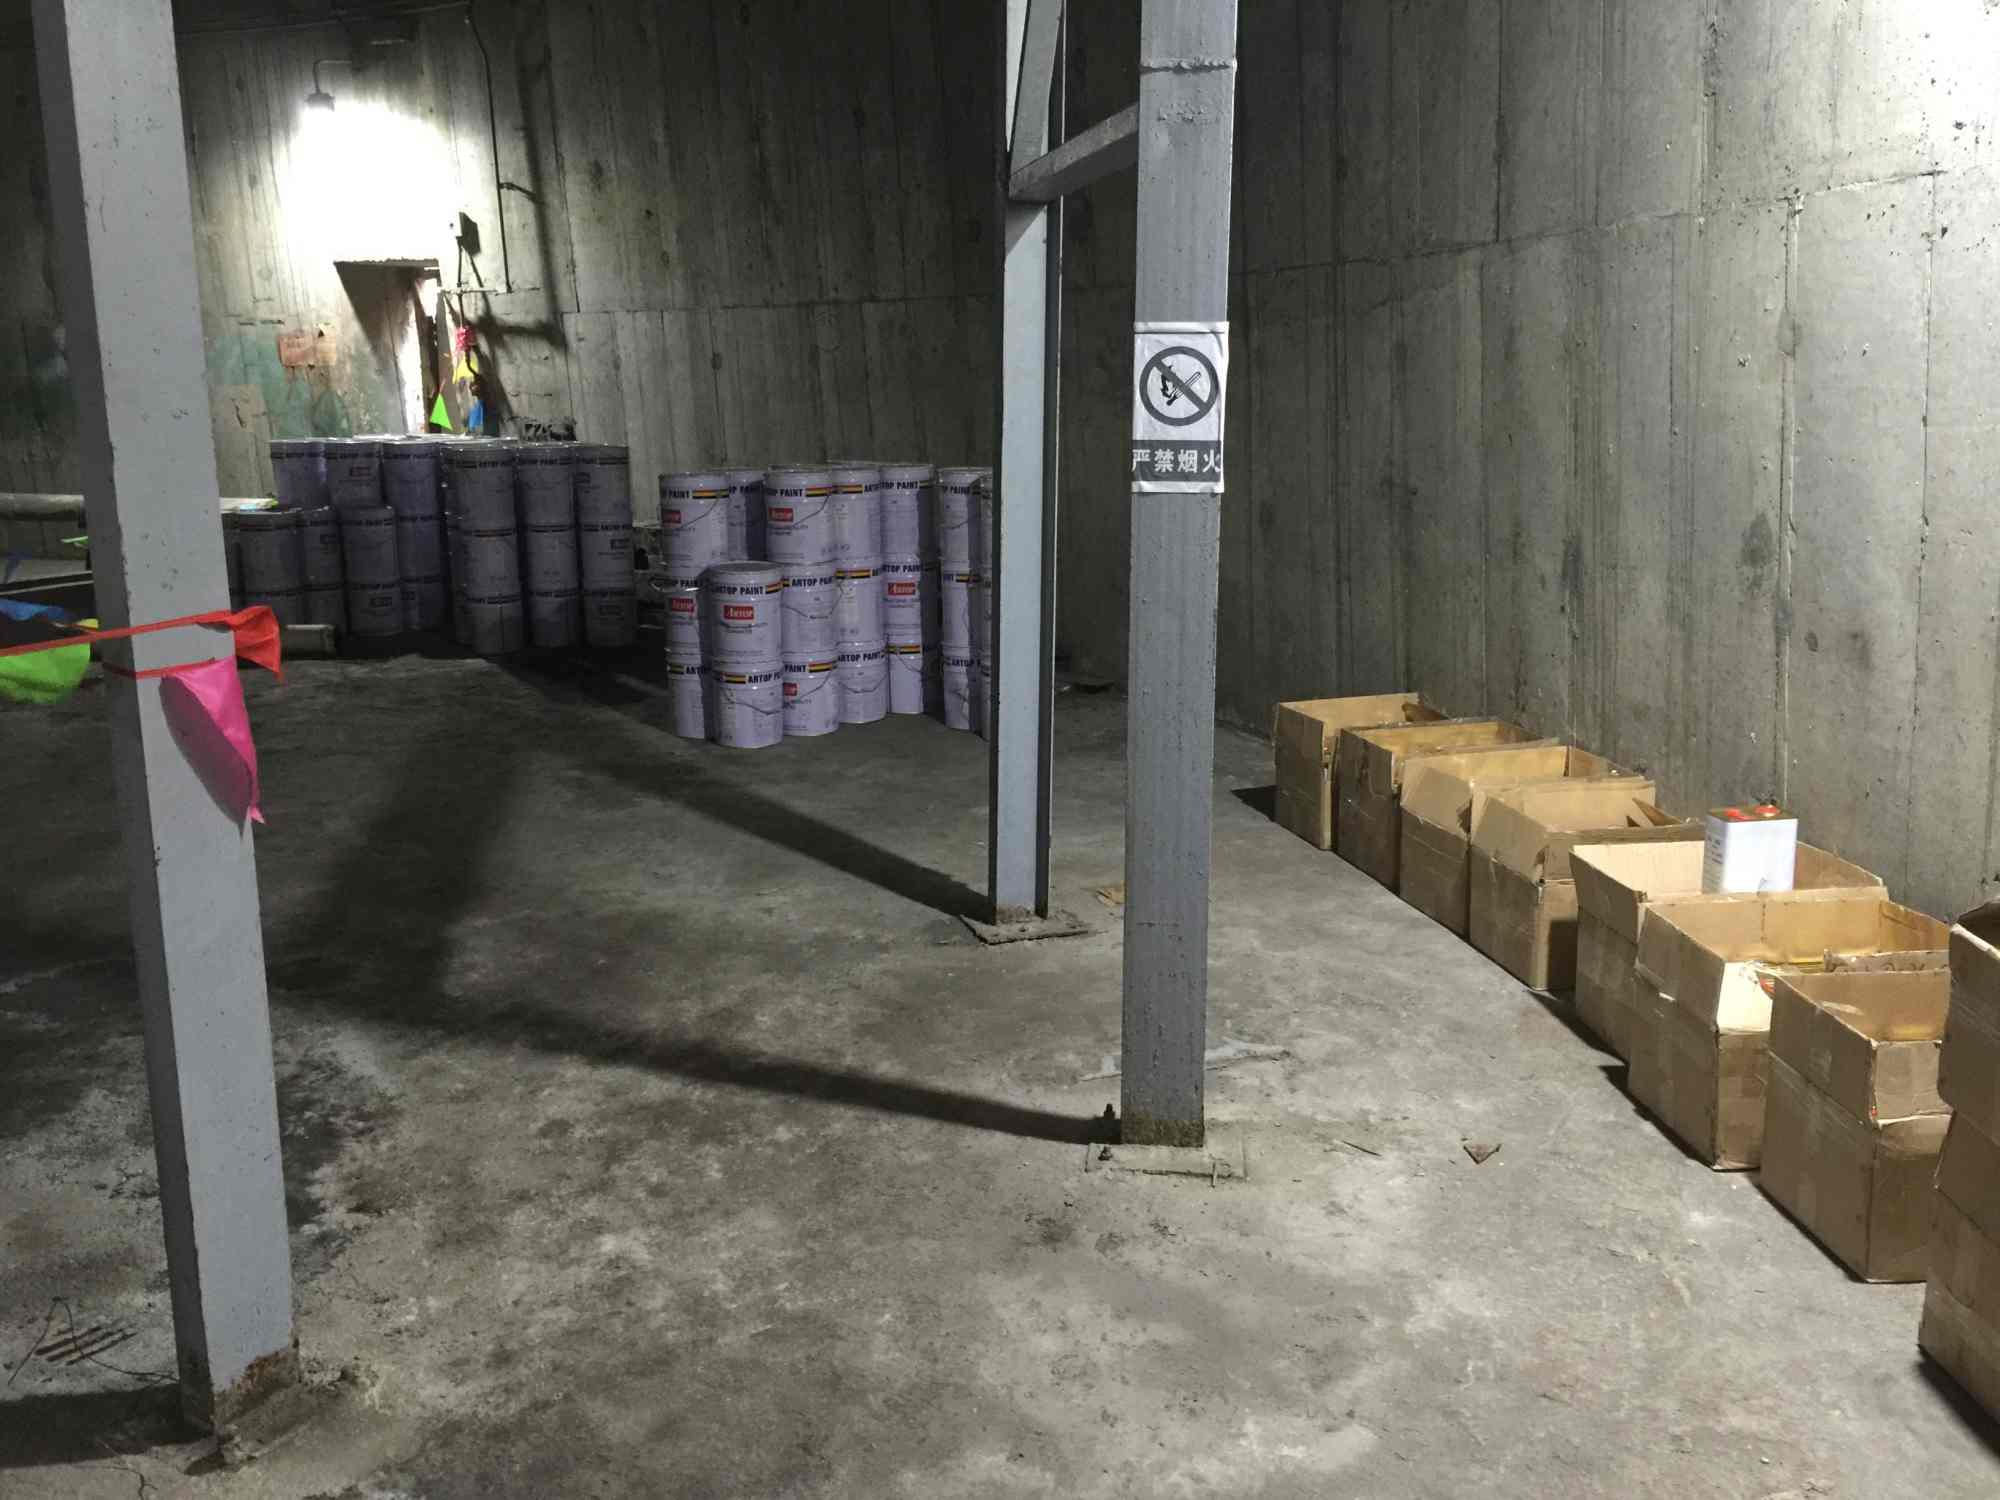 广州雅特霸力化工批发合盾阻燃玻璃钢-阻燃剂价格